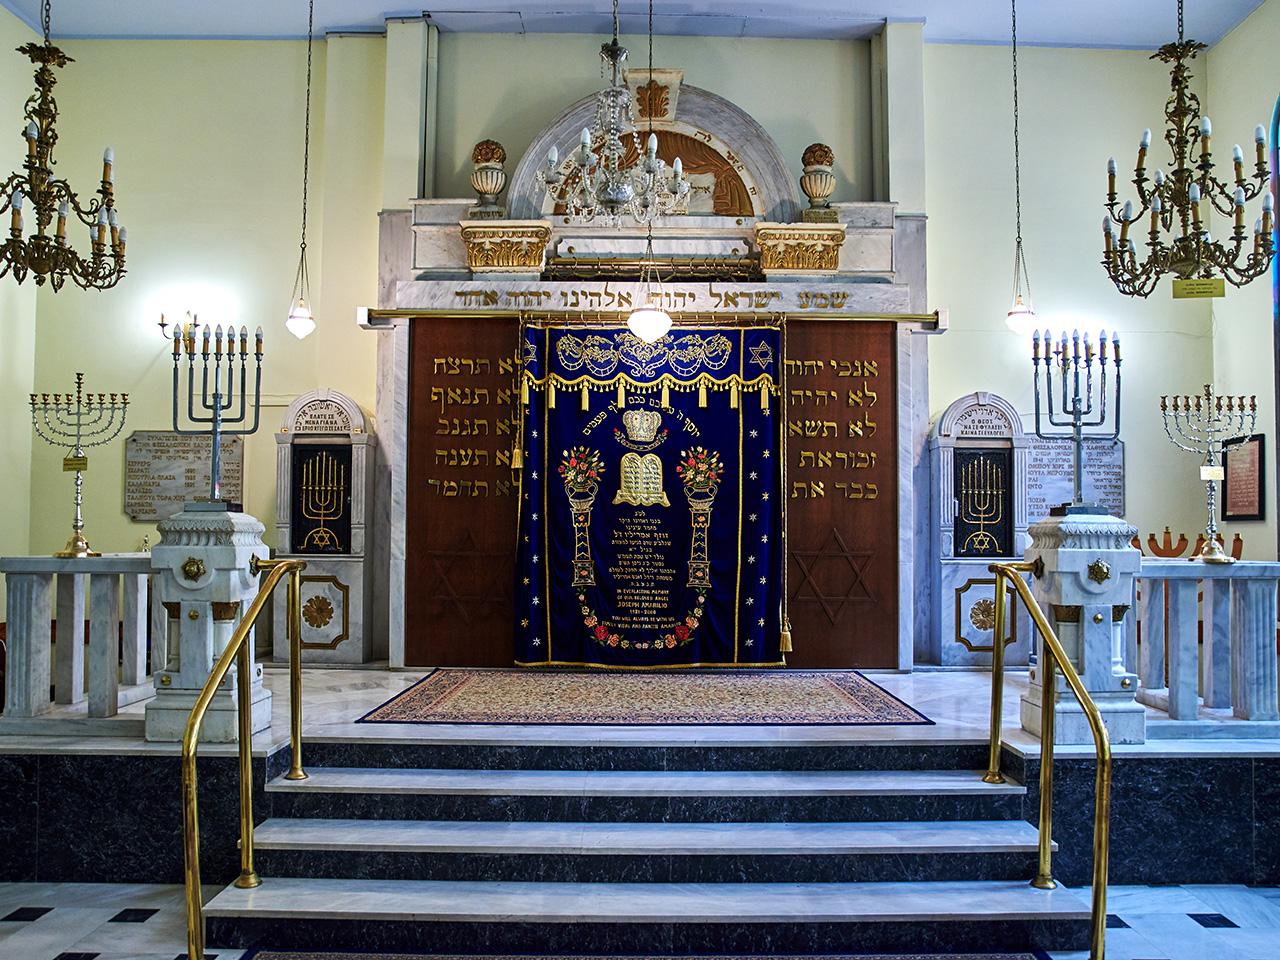 Thessaloniki Lezicaron Synagogue - Jewish tour of Thessaloniki Greece - Thessaloniki Jewish Tour - Greek Jewish tours in Greece - Jewish Greek travel packages in Greece - Atlantis Travel Agency Greece